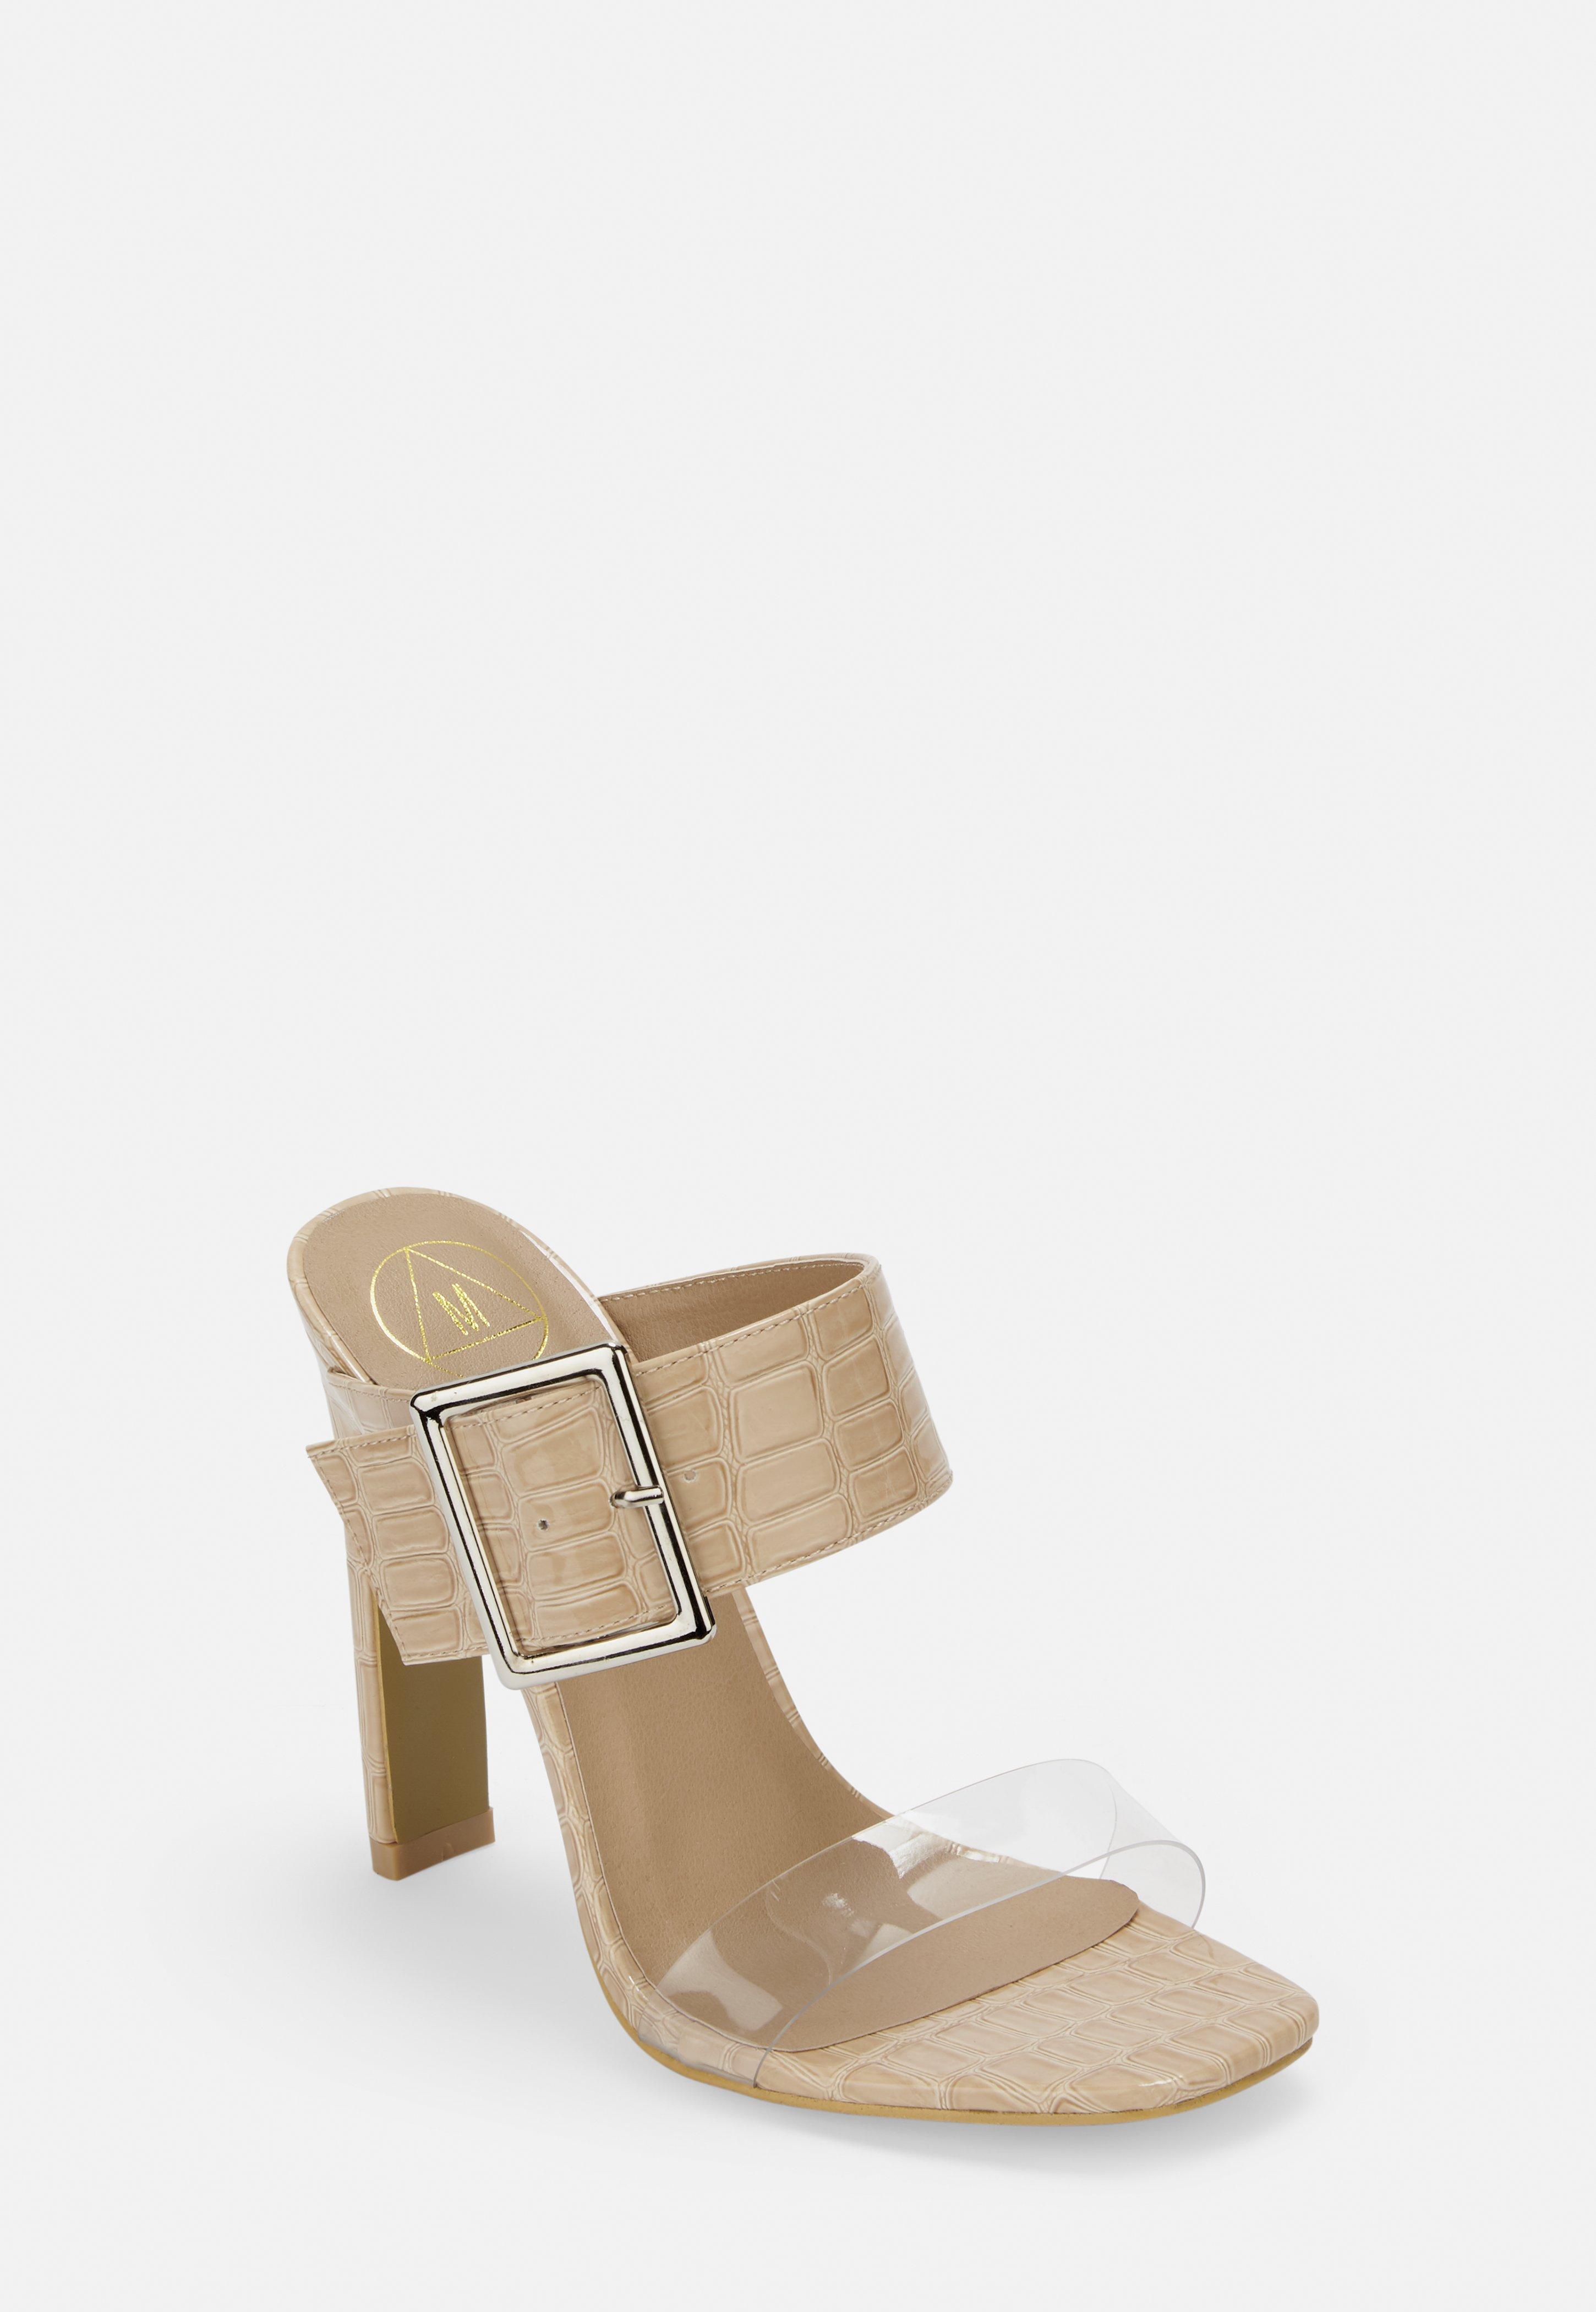 157493029 Shoes | Women's Footwear Online UK - Missguided